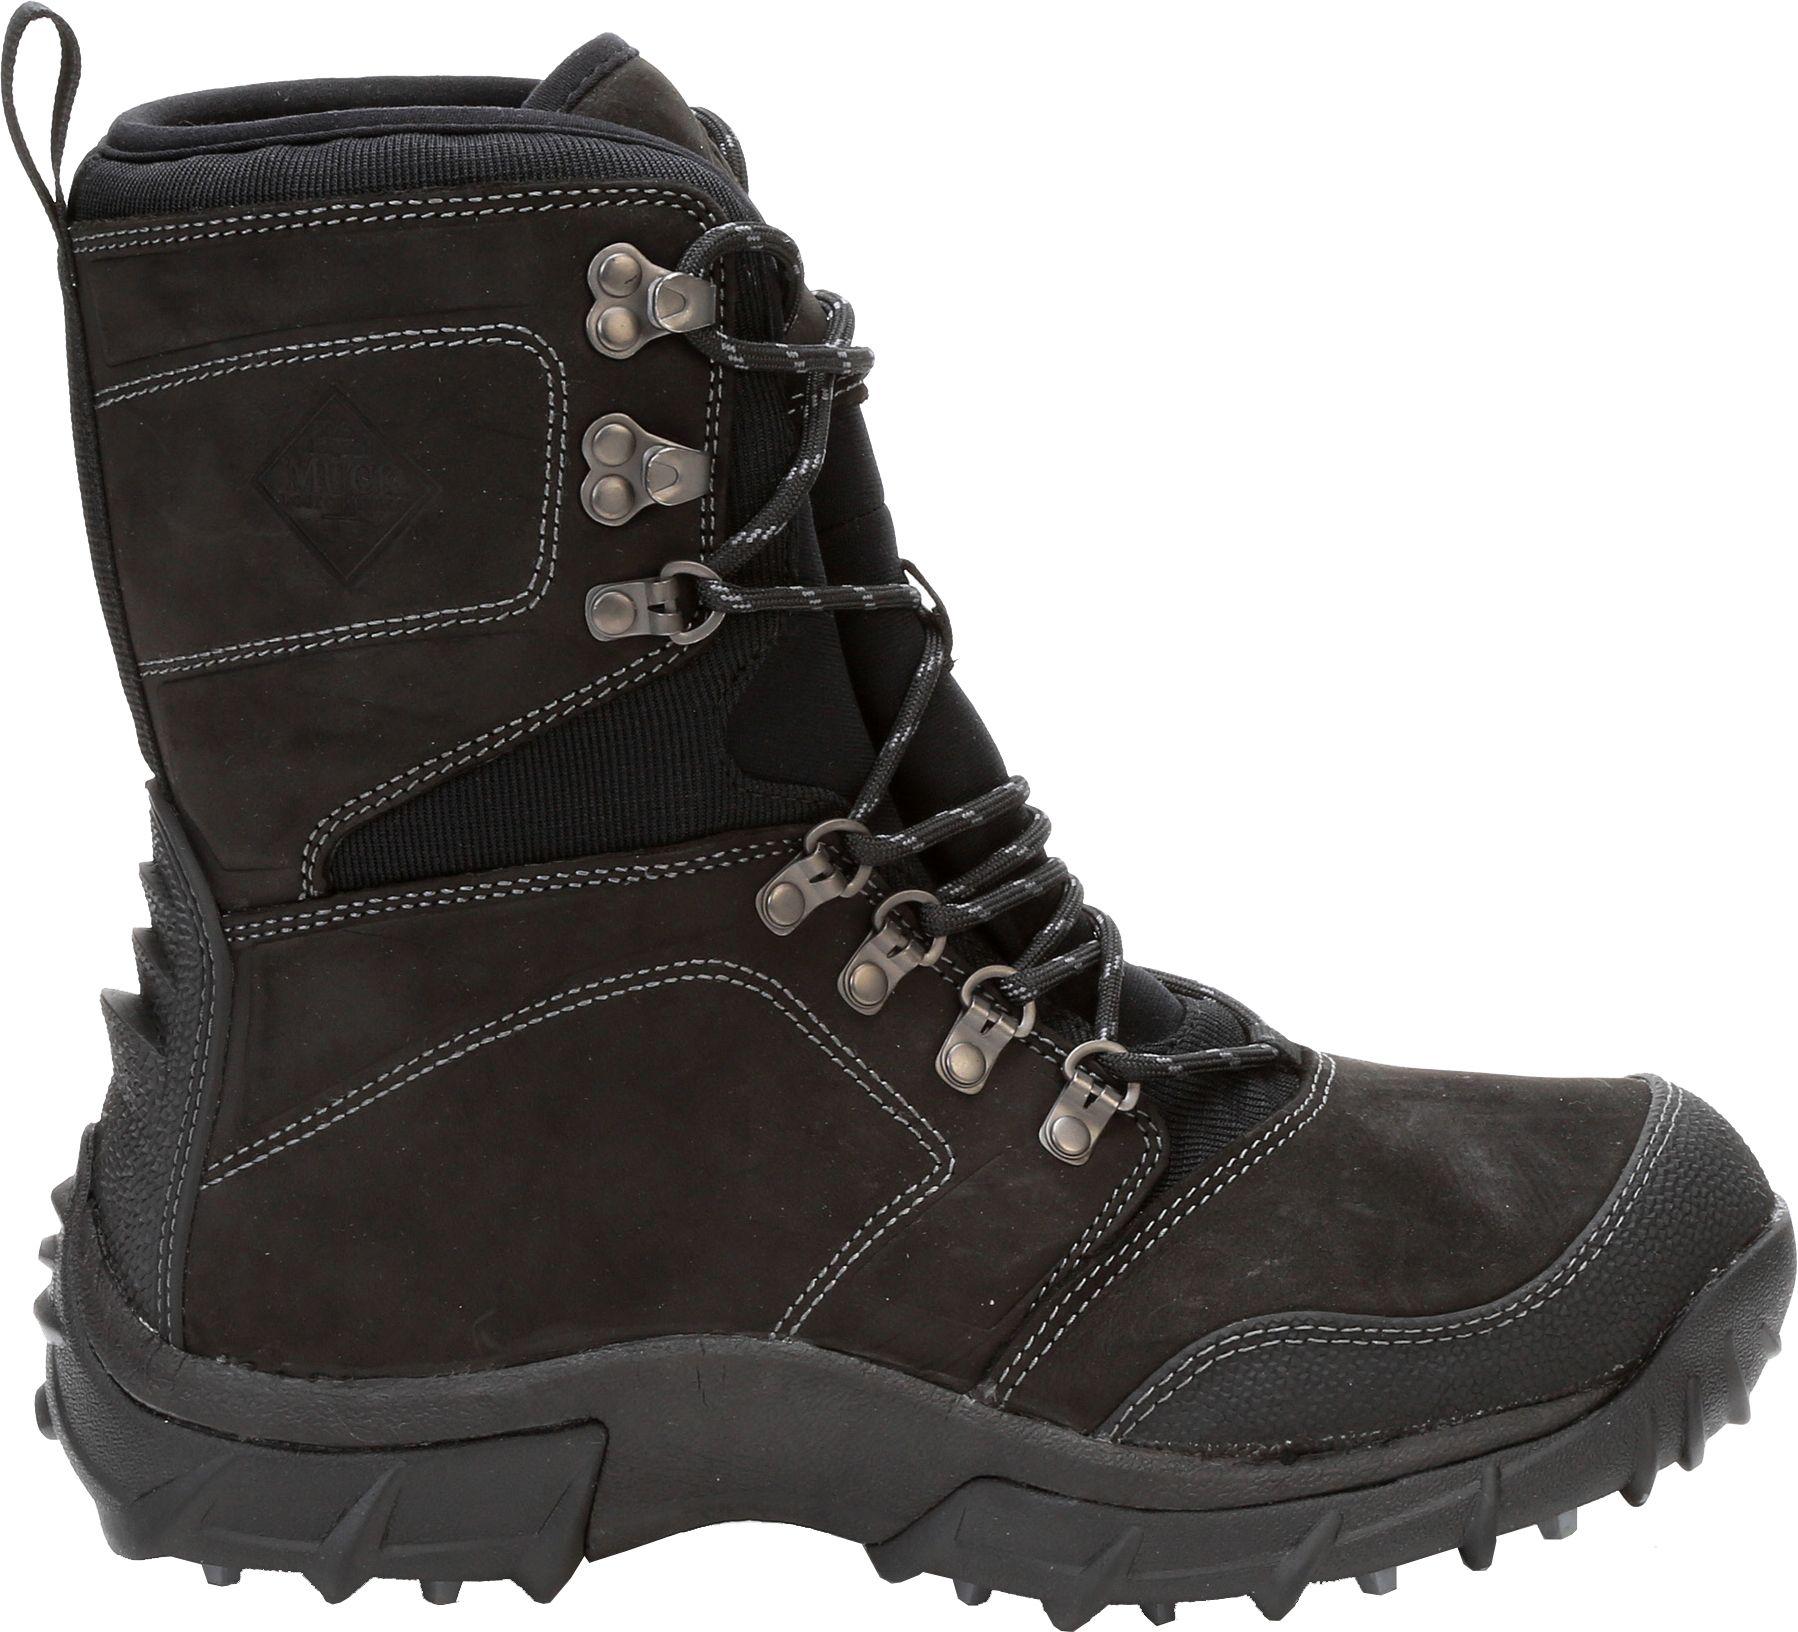 Muck Boot Men's Peak Hardcore Insulated Waterproof Field Hunting ...